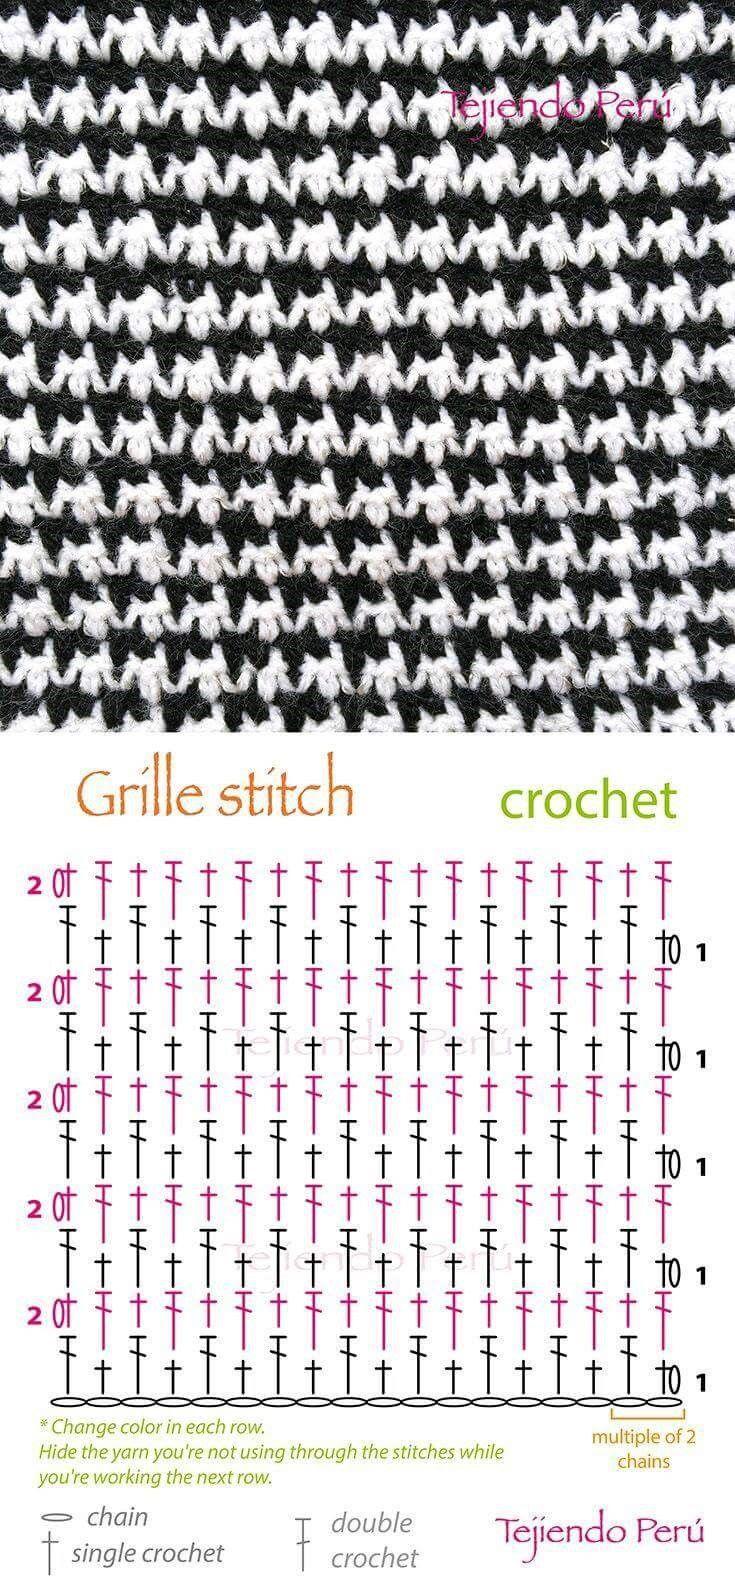 단조로운 모양으로 떠놓으면 좋은 코바늘 스티치 모음 여러곳에 활용해 보세요^^ 출처 pin